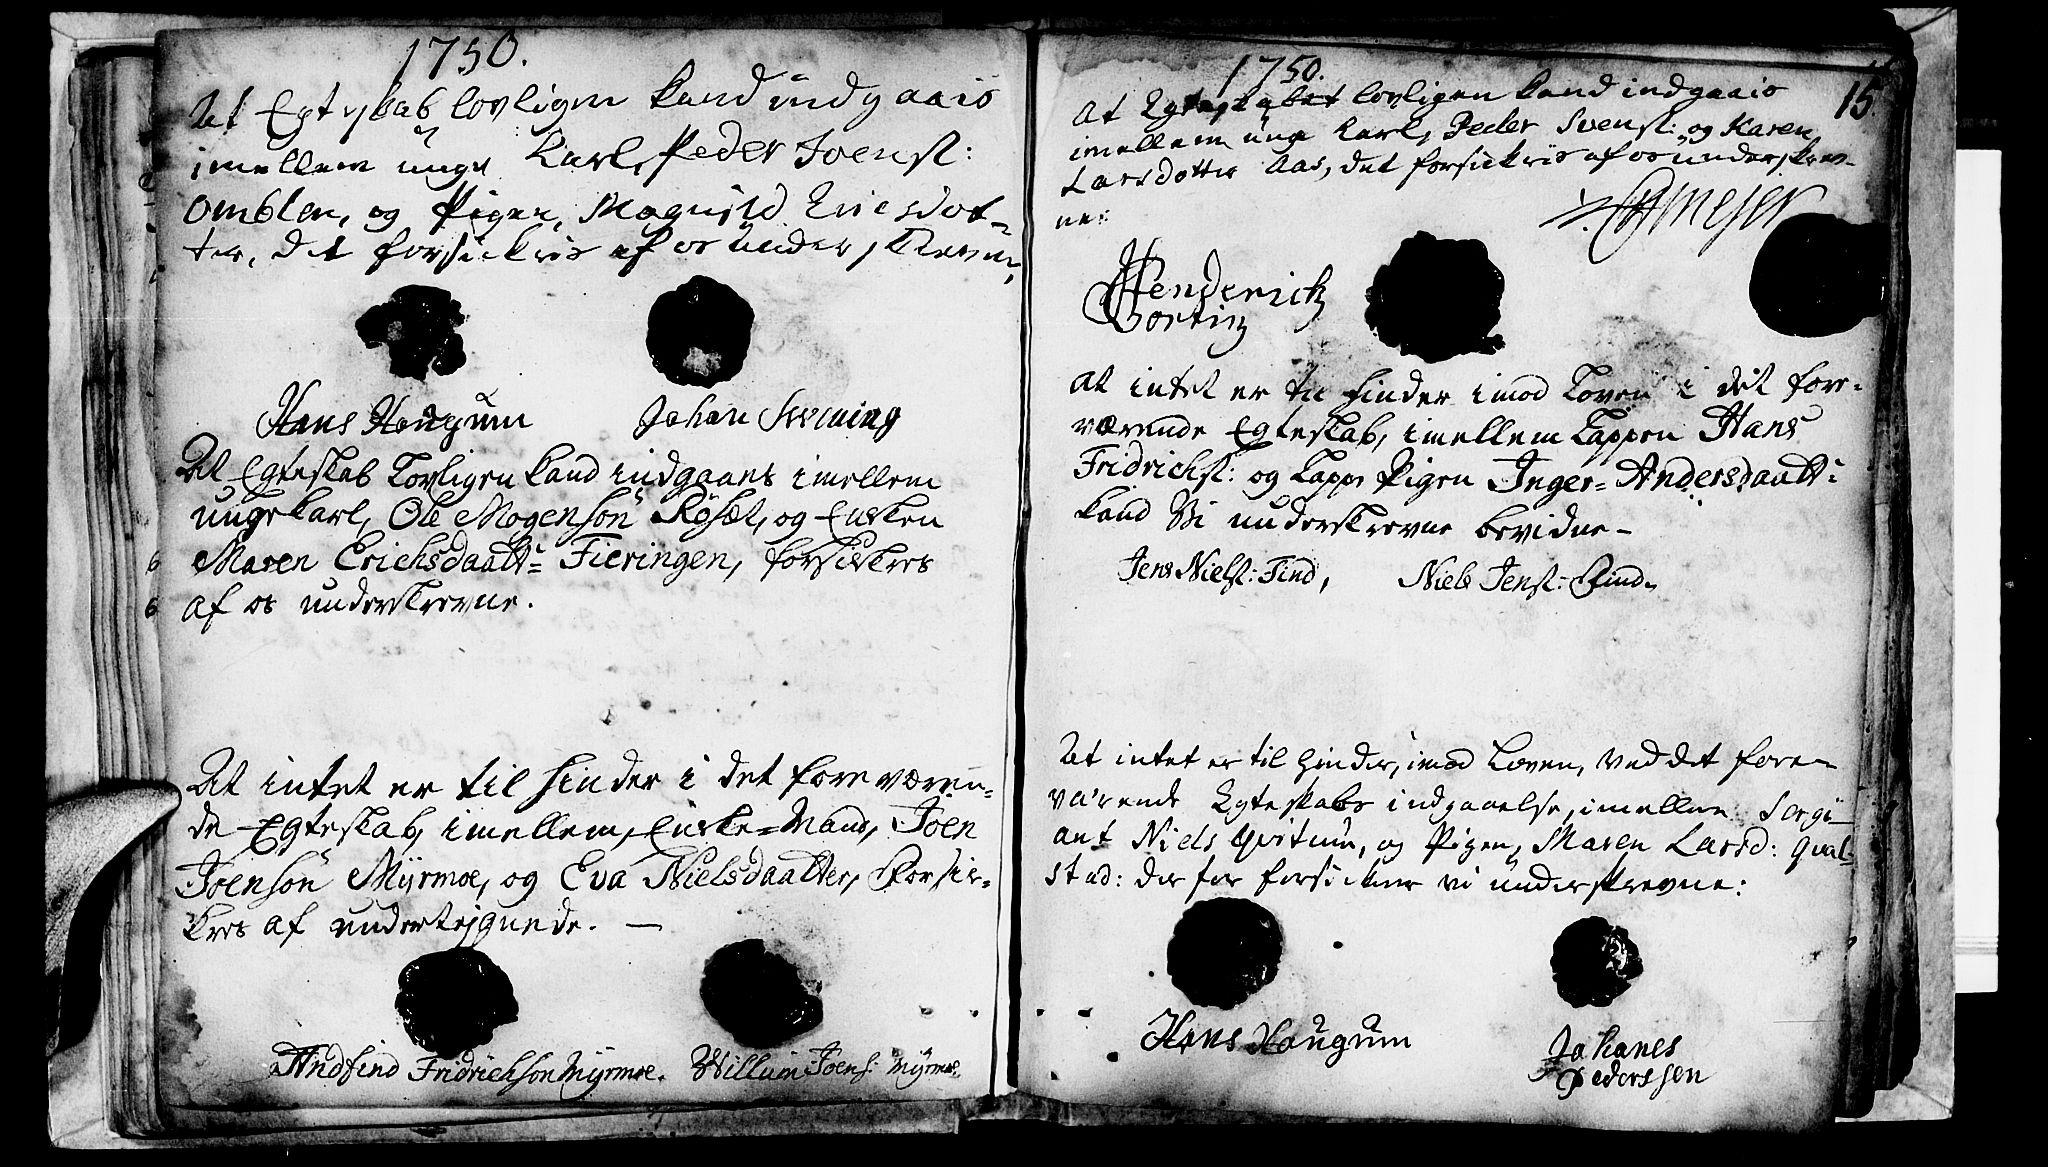 SAT, Ministerialprotokoller, klokkerbøker og fødselsregistre - Nord-Trøndelag, 764/L0541: Ministerialbok nr. 764A01, 1745-1758, s. 15